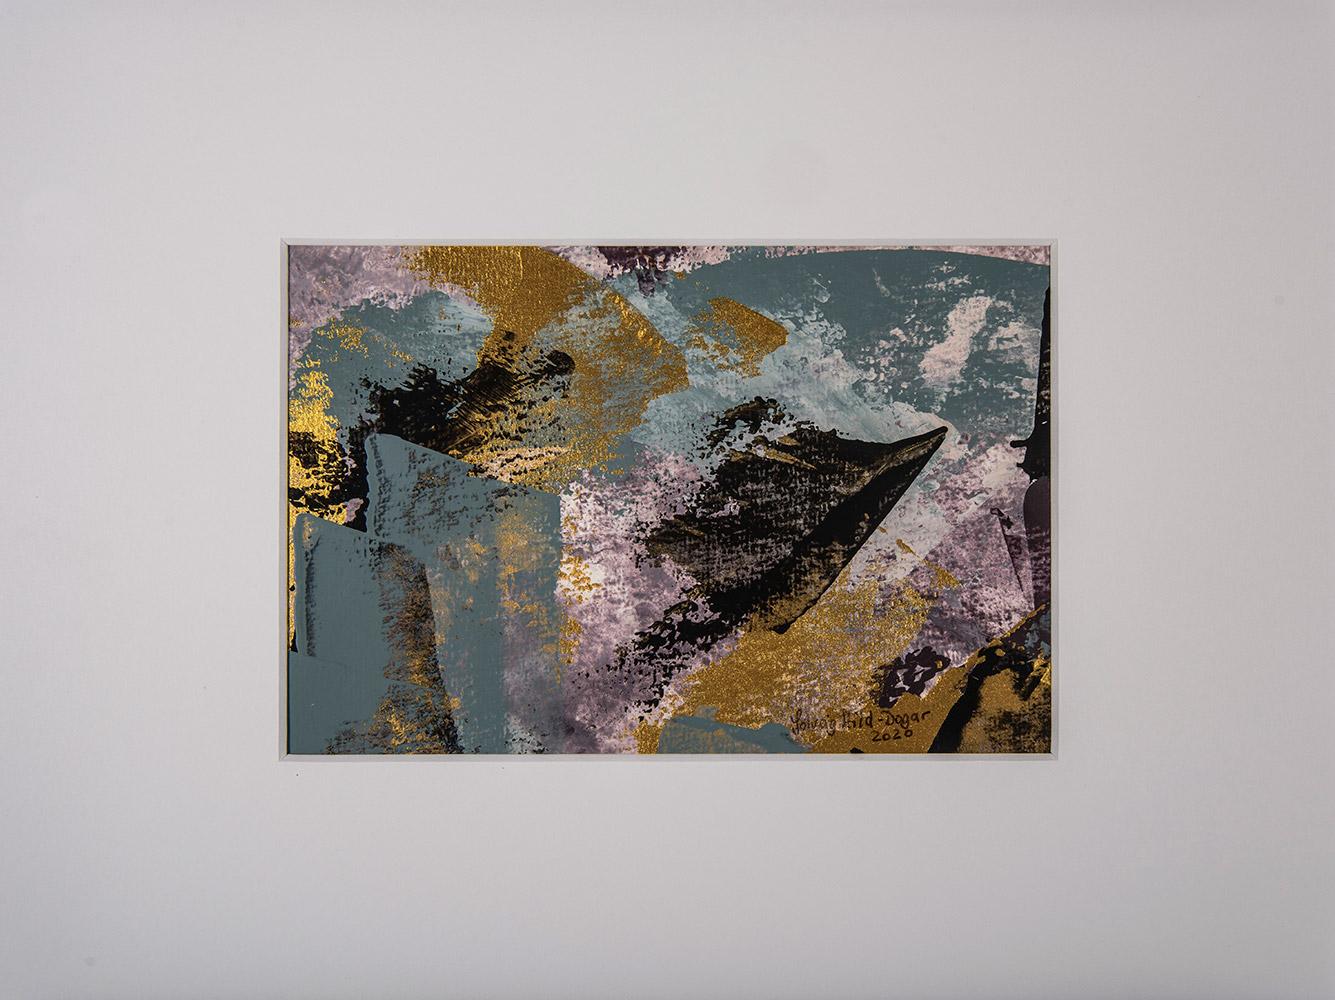 Solveig Hild-Dogar Artikulation | Malerei & Skulpturen - Onlineshop